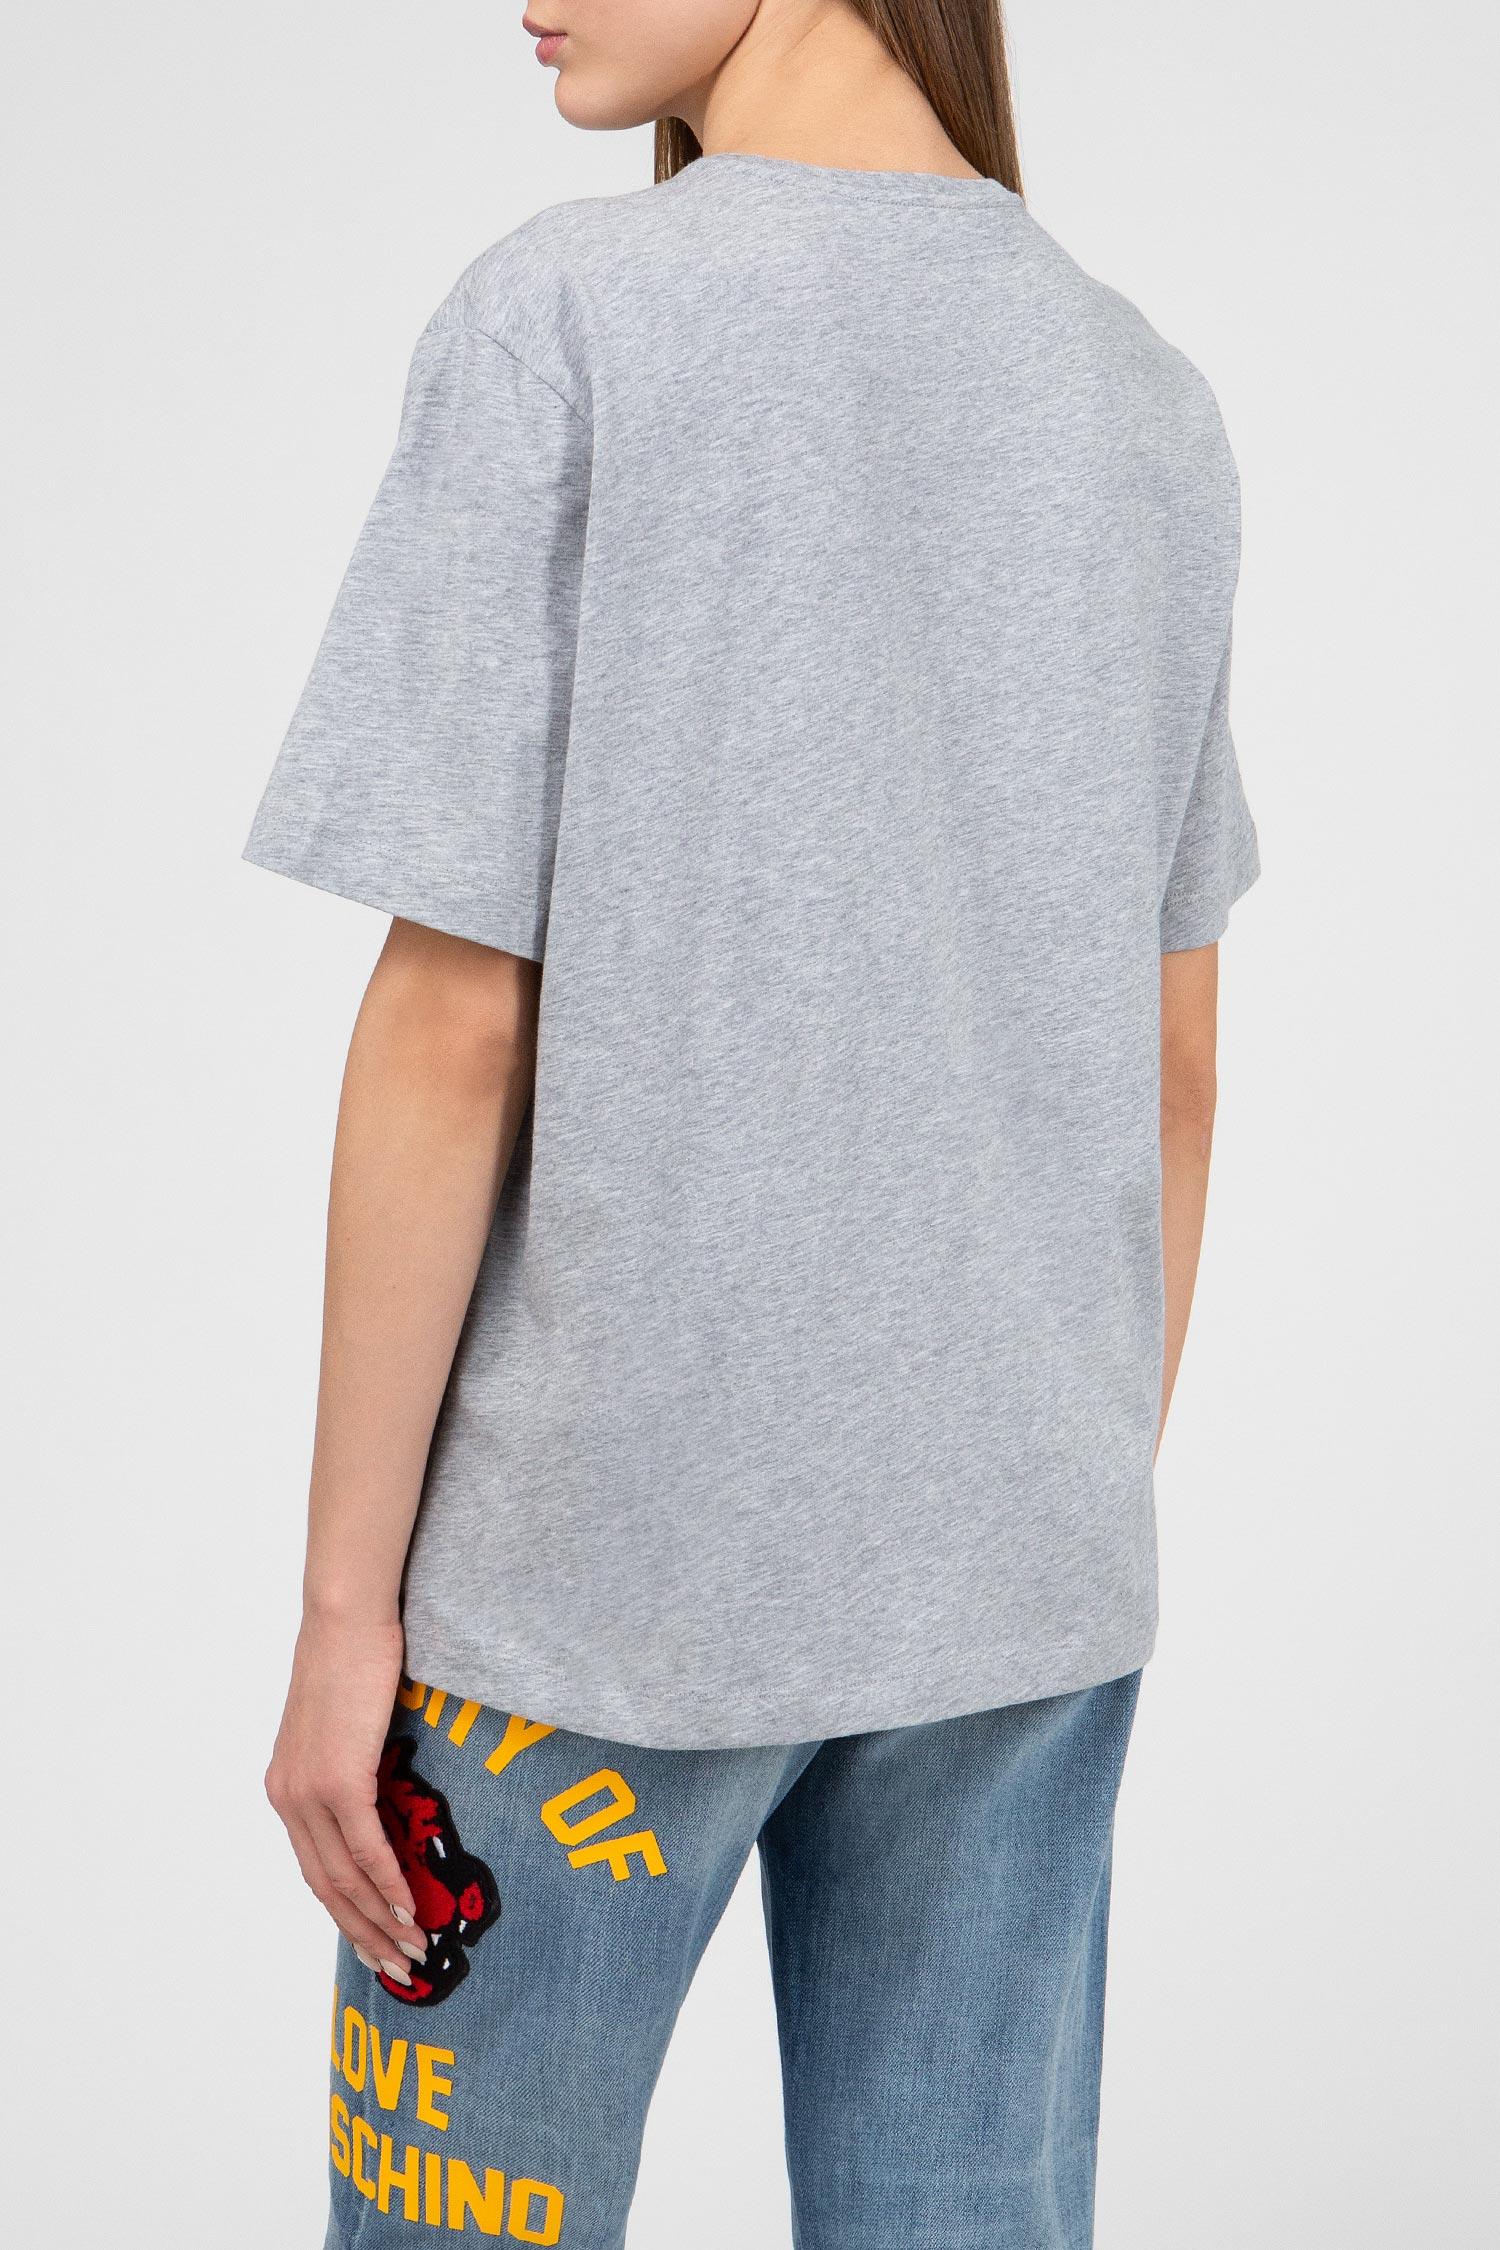 Купить Женская серая футболка Love Moschino Love Moschino W4F8716M3517A688 – Киев, Украина. Цены в интернет магазине MD Fashion